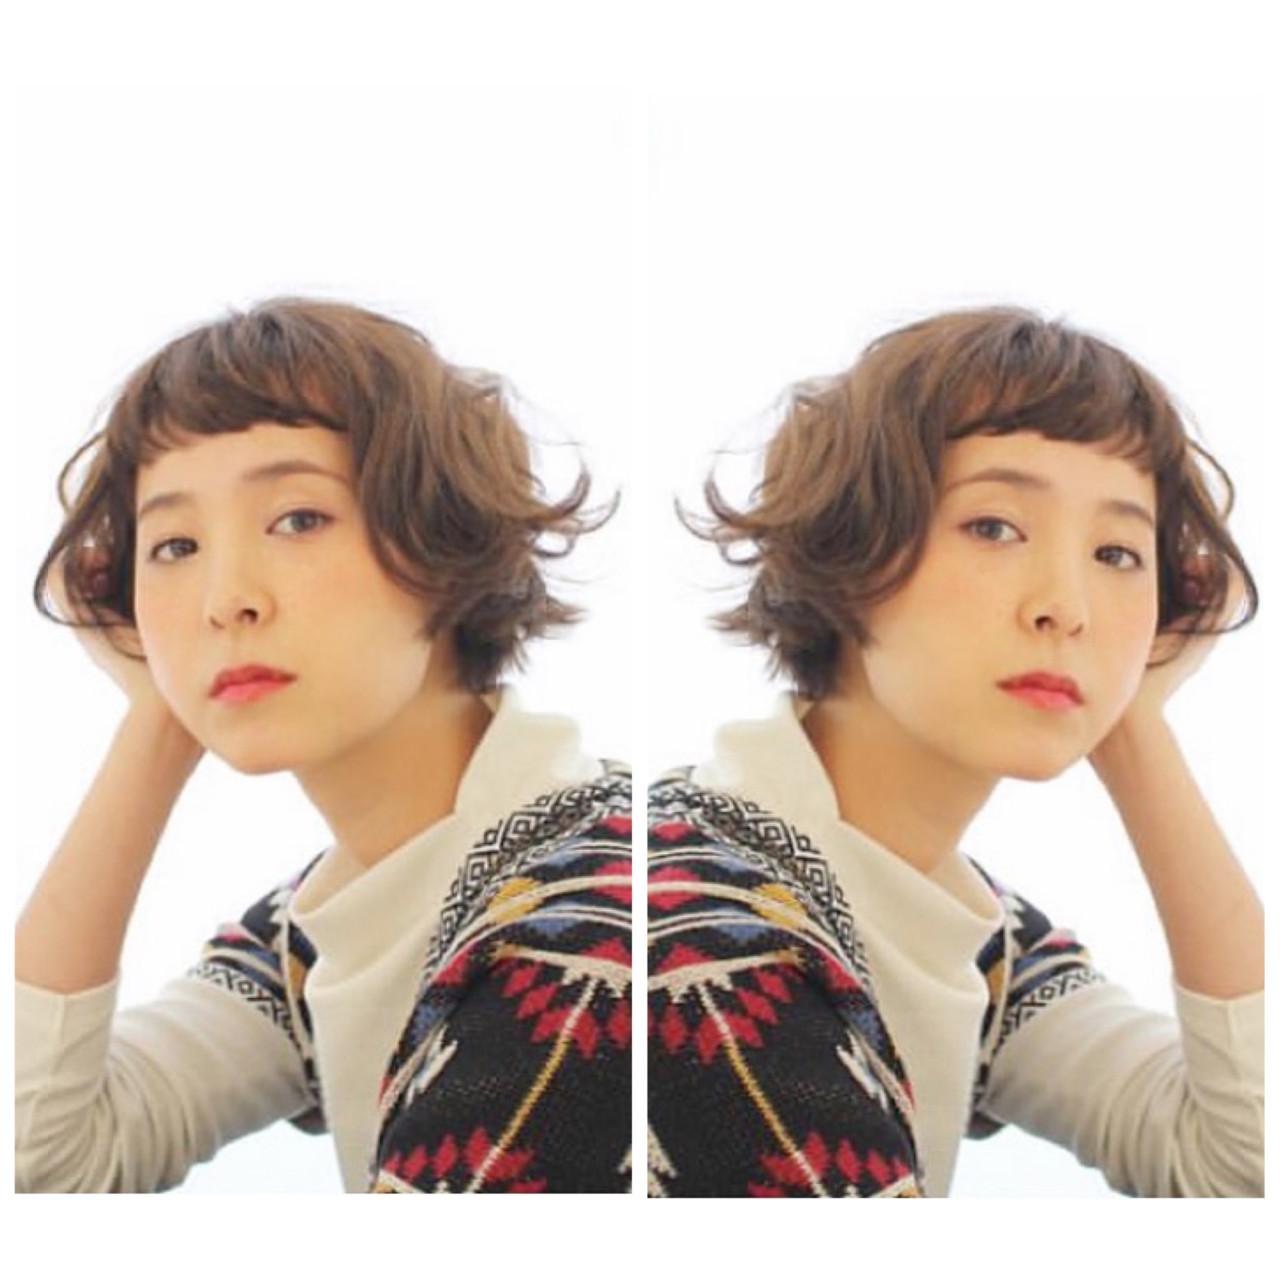 パーマ ボブ フェミニン ボブヘアー ヘアスタイルや髪型の写真・画像